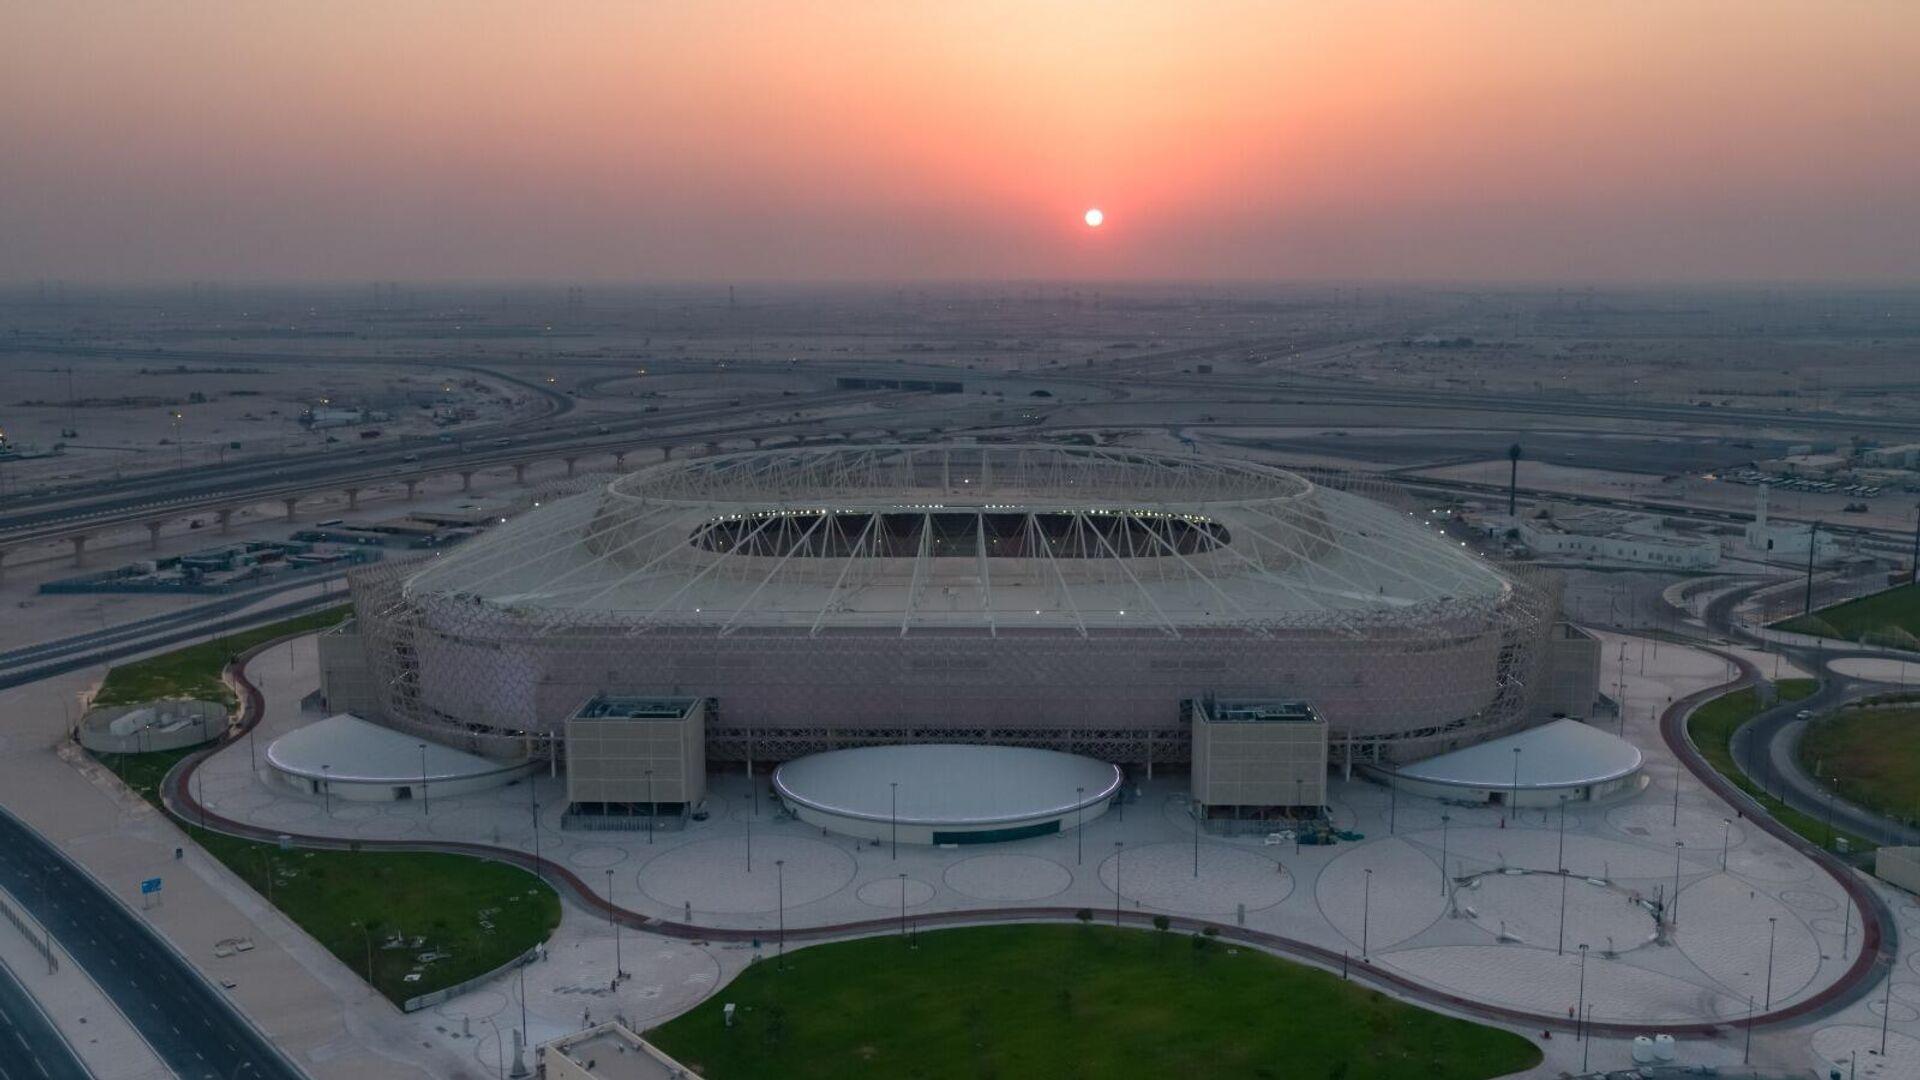 Стадион ЧМ-2022 в Катаре - РИА Новости, 1920, 02.12.2020